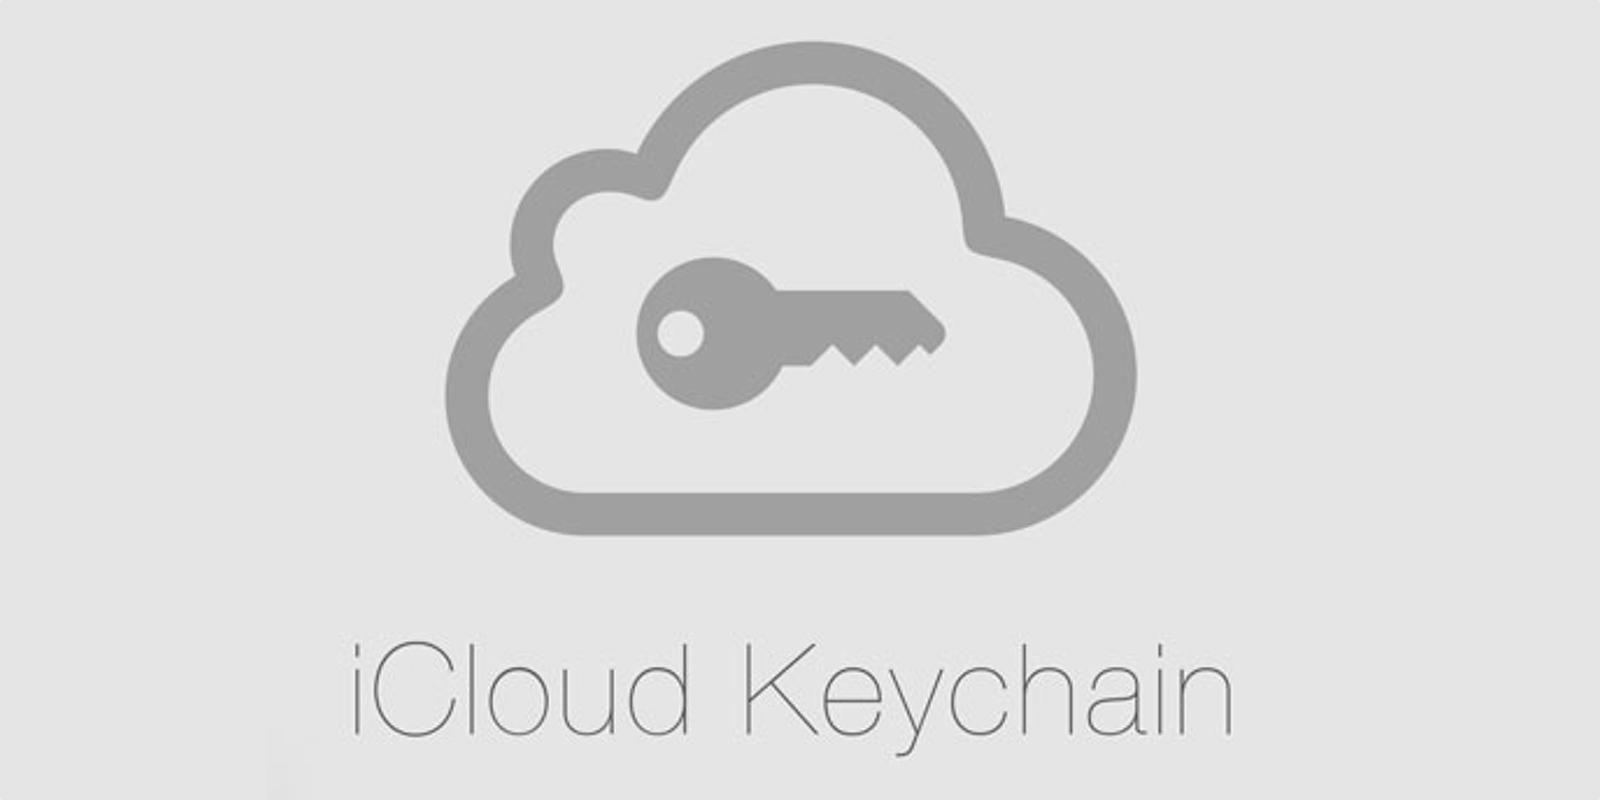 iCloud Keychain – программа, разработанная специально для пользователей устройств Apple, обладает довольно неплохими характеристиками и абсолютно бесплатна для пользователей.